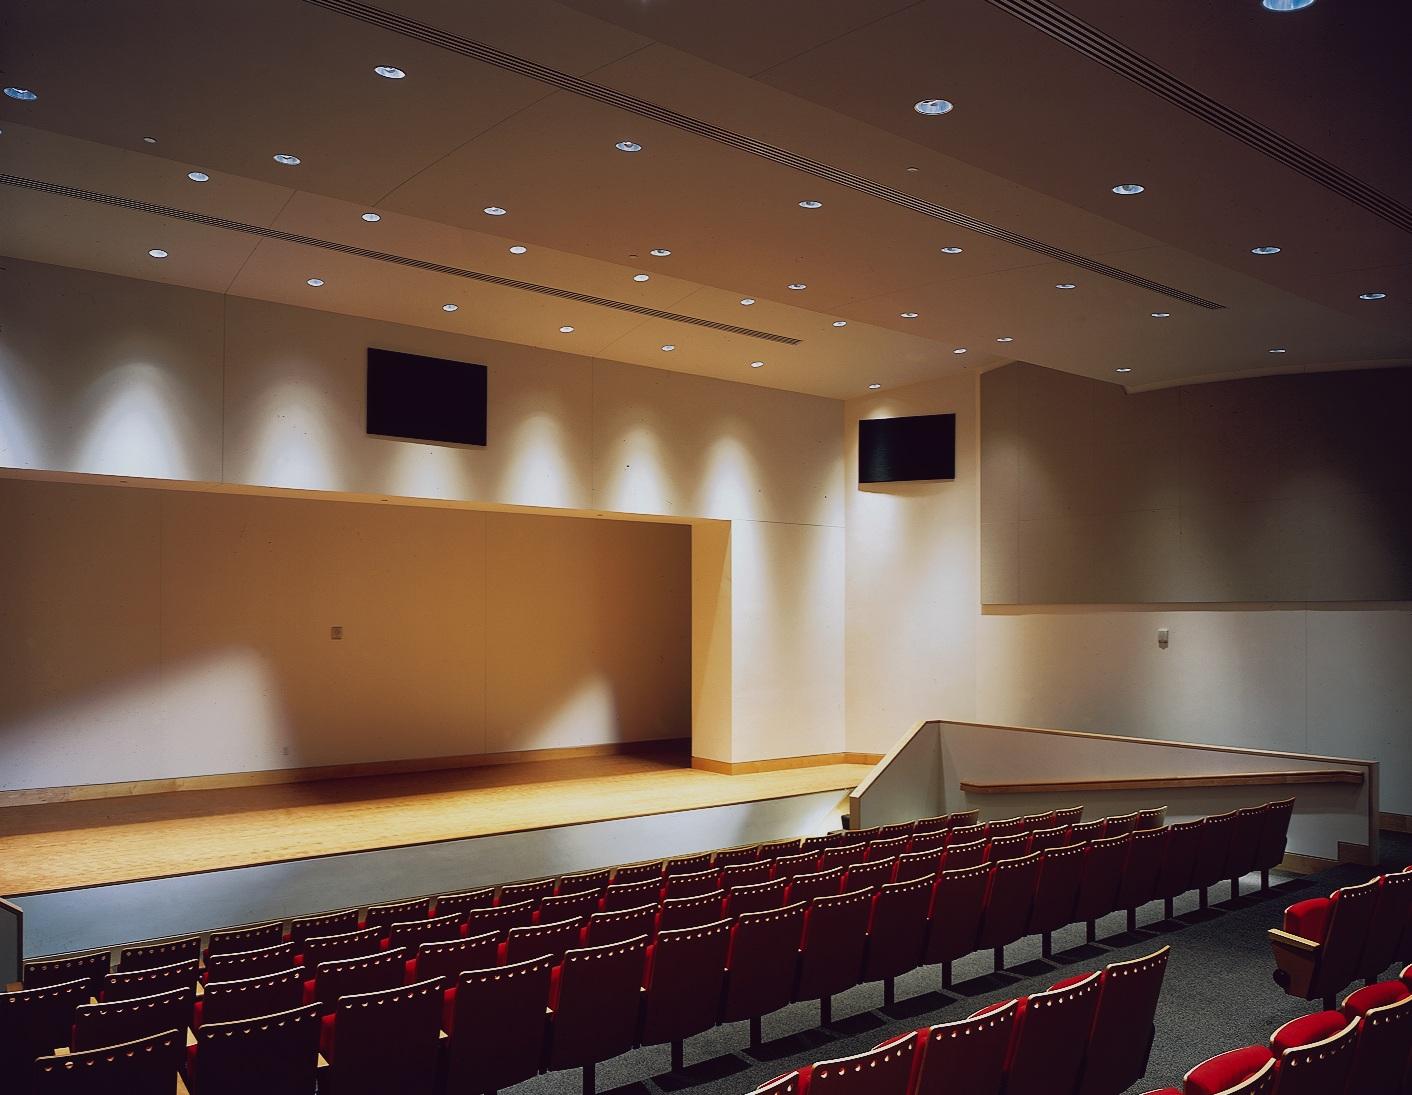 int+auditorium+1.jpg